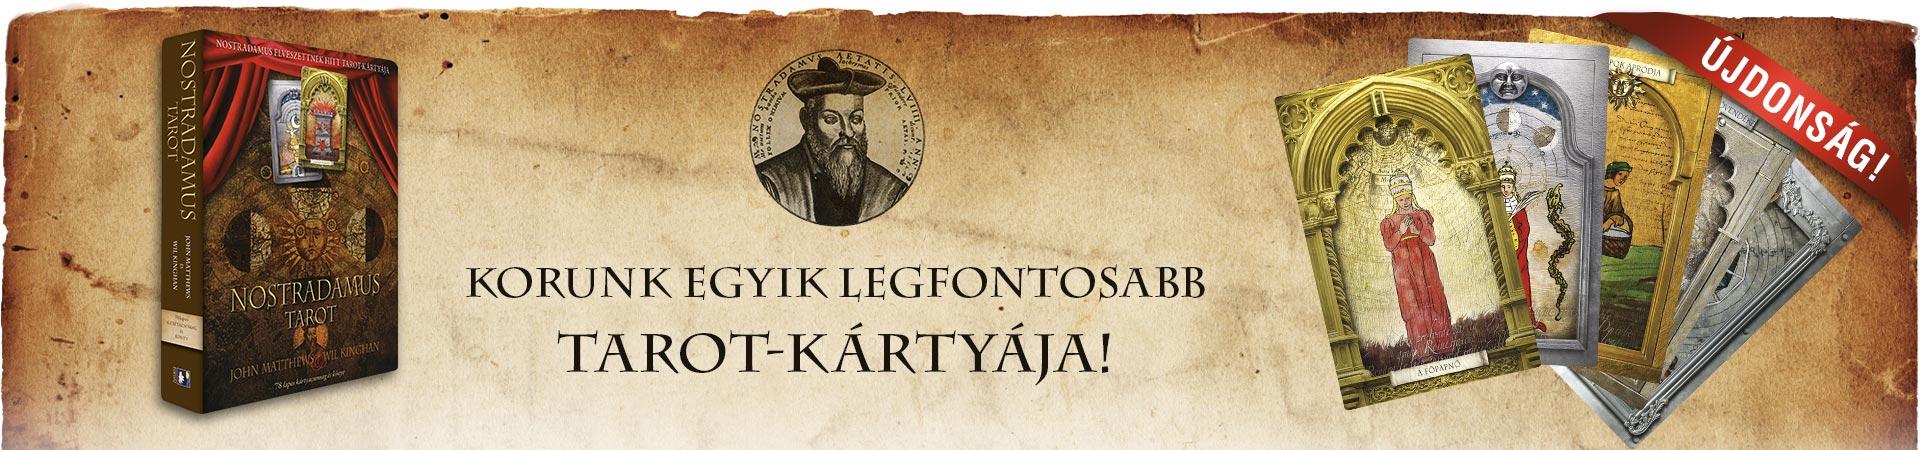 Nostradamus-tarot